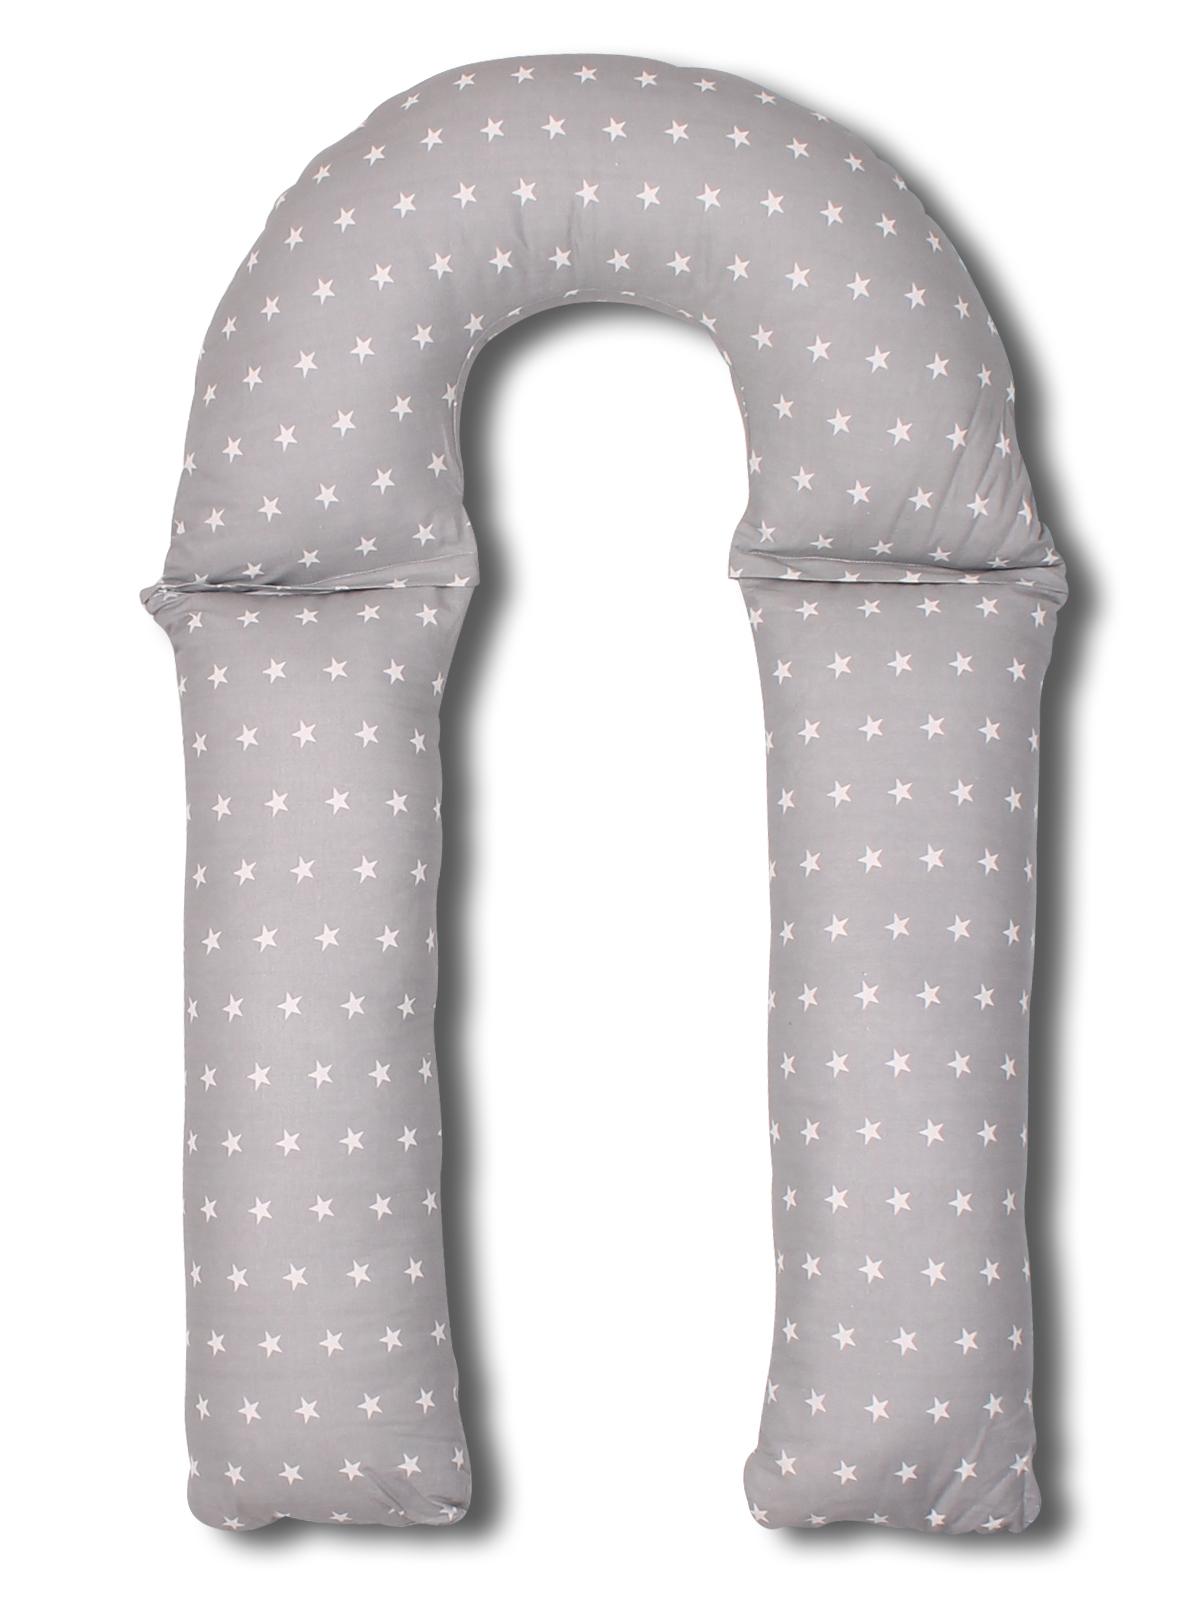 Чехол для подушки для беременных Body Pillow трансформер форма U звезды, серый body pillow чехол для подушки для беременных u образный цвет бежевый золотой